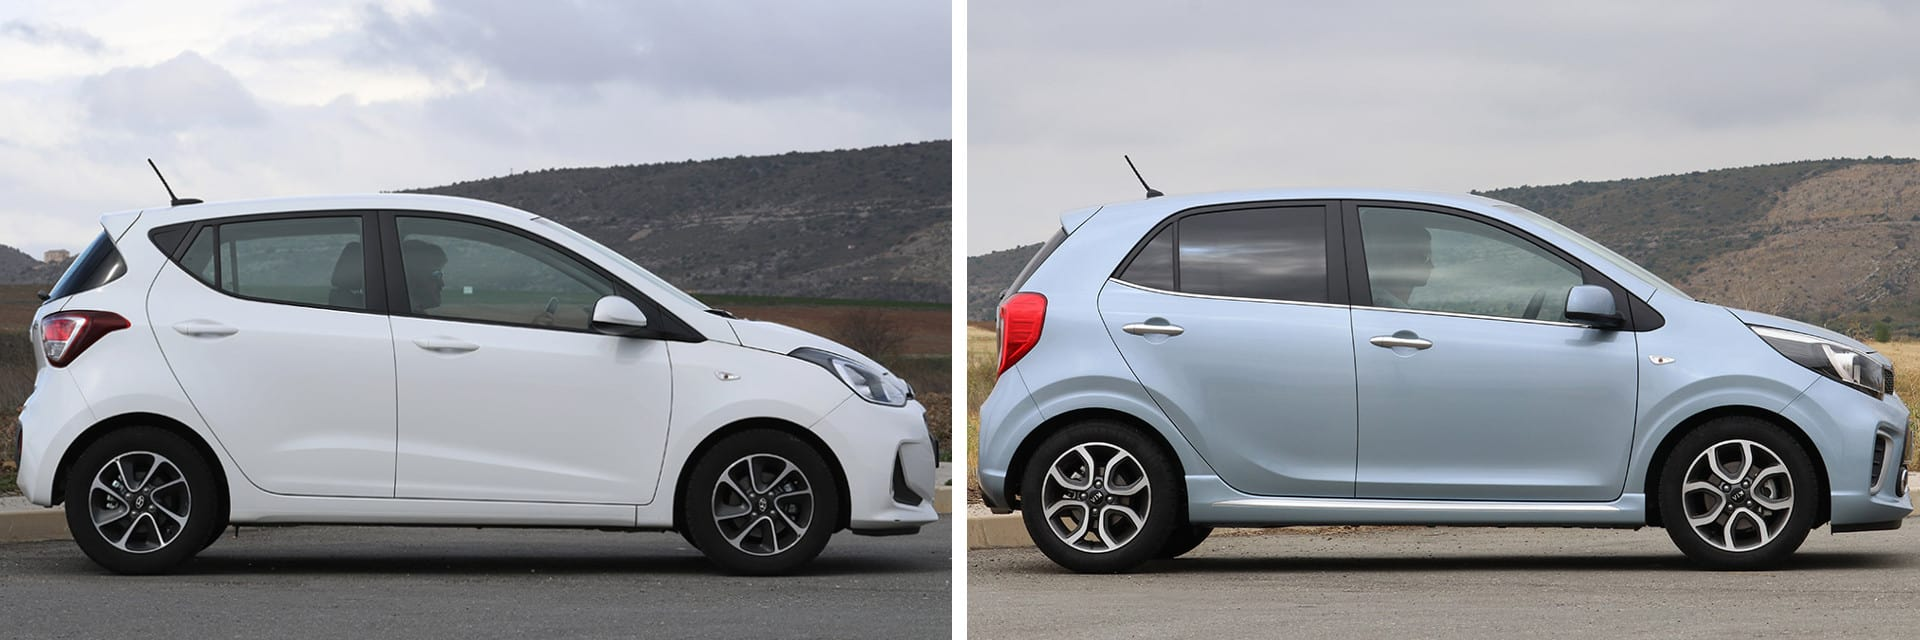 Estos dos coches utilitarios son cómodos para circular por ciudad: maniobran bien y ocupan poco.